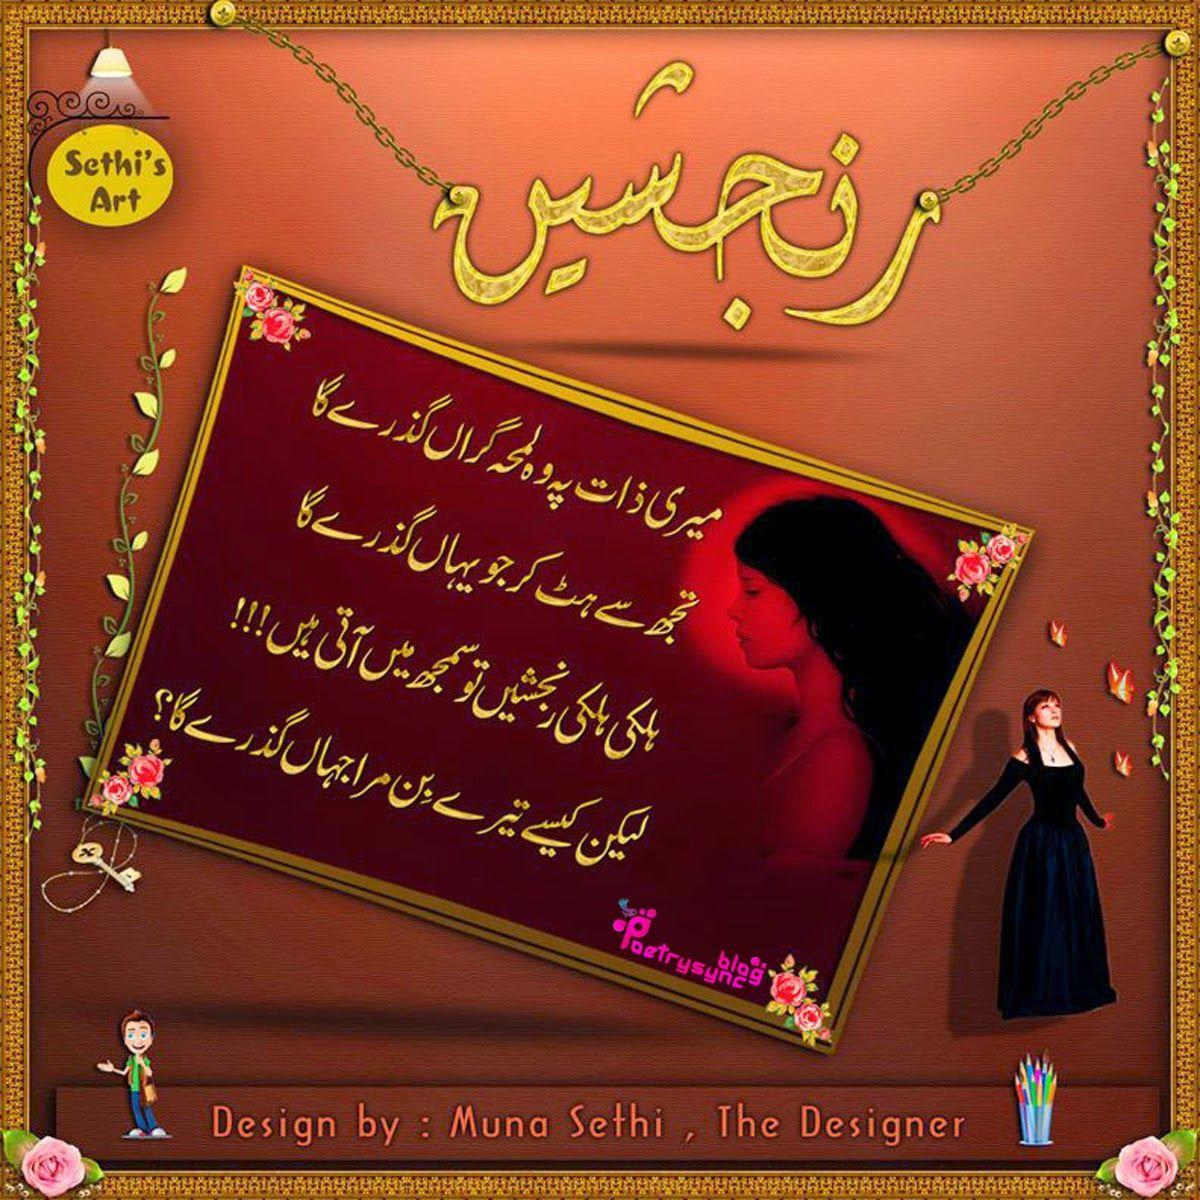 Poetry Urdu Sad Poetry/Shayari Lines Wallpapers for